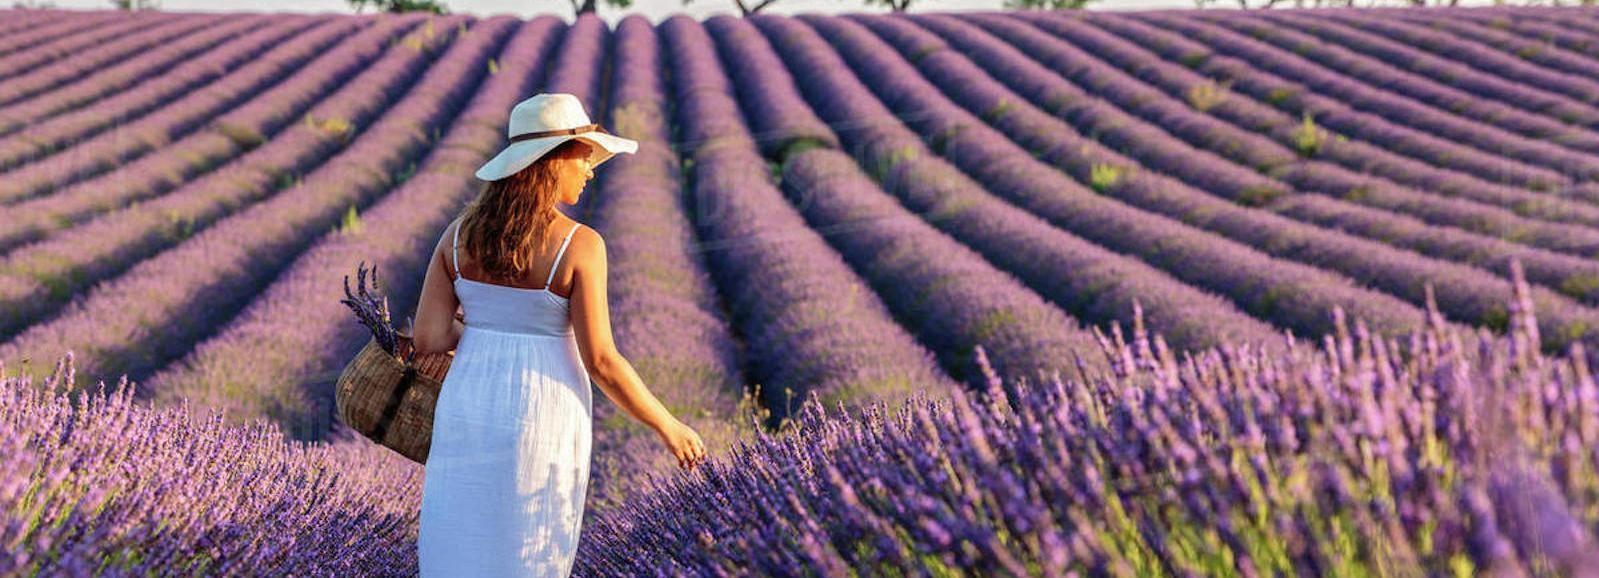 Depuis Nice: 1jour en Provence sur le thème de la Lavande